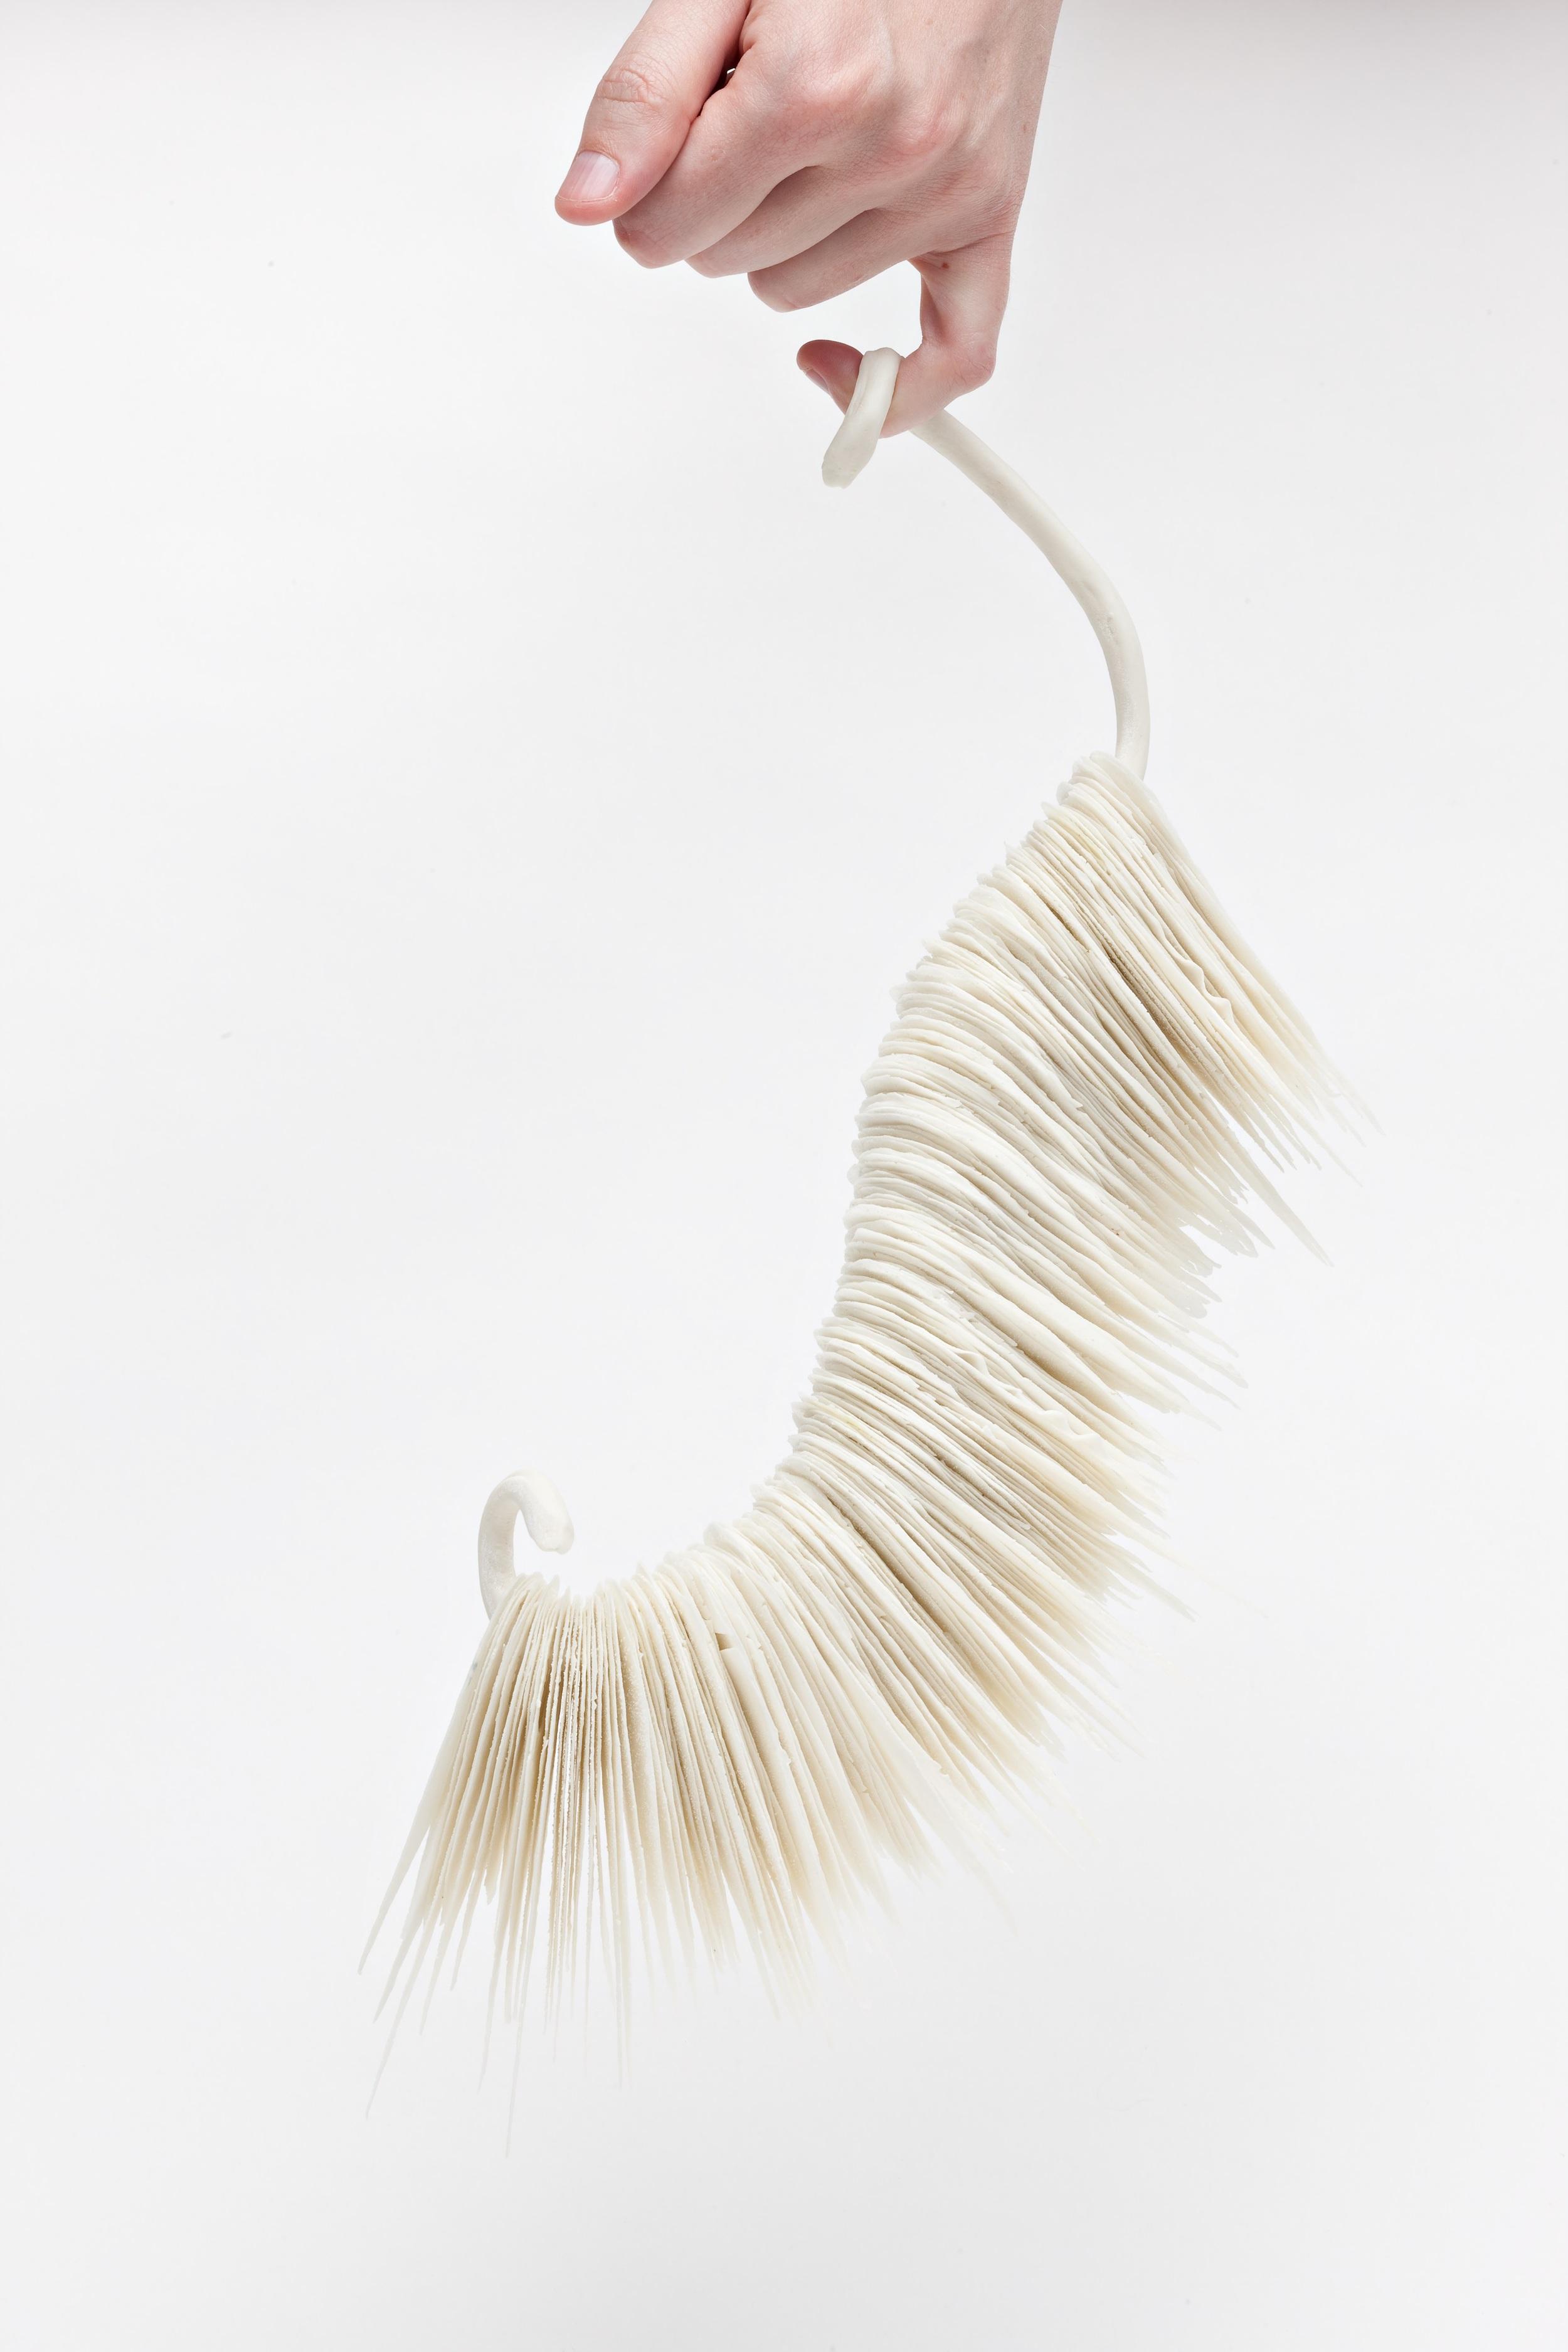 Suspension,  2008, artist blend glaze material, 28cm x 15cm x 10cm